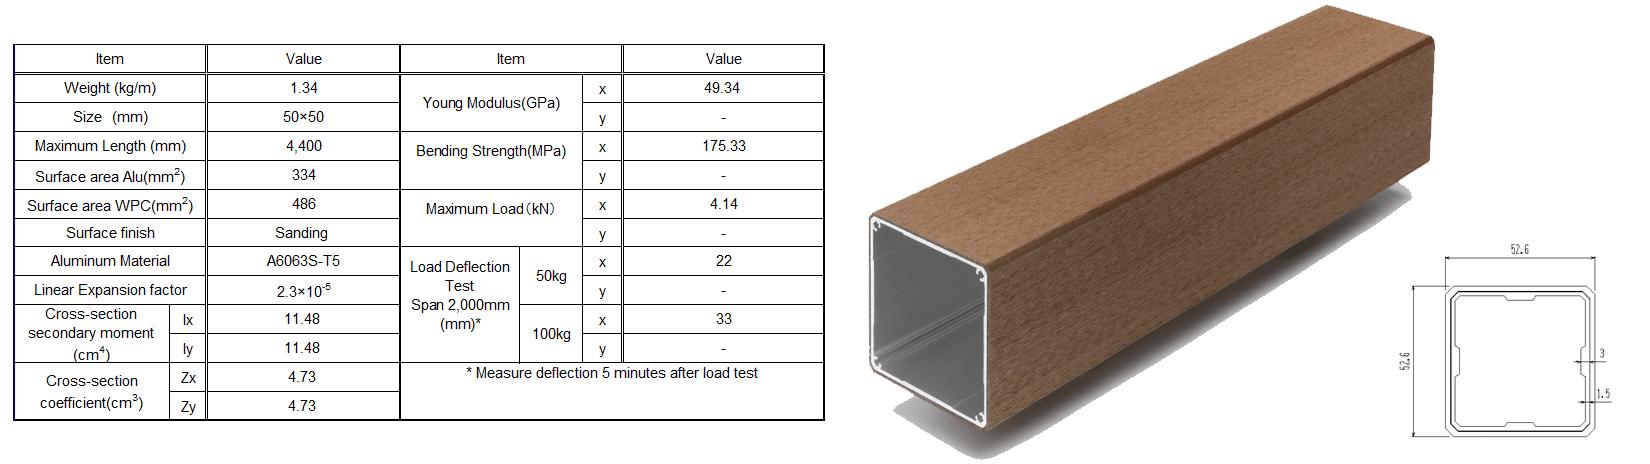 einwood-6011